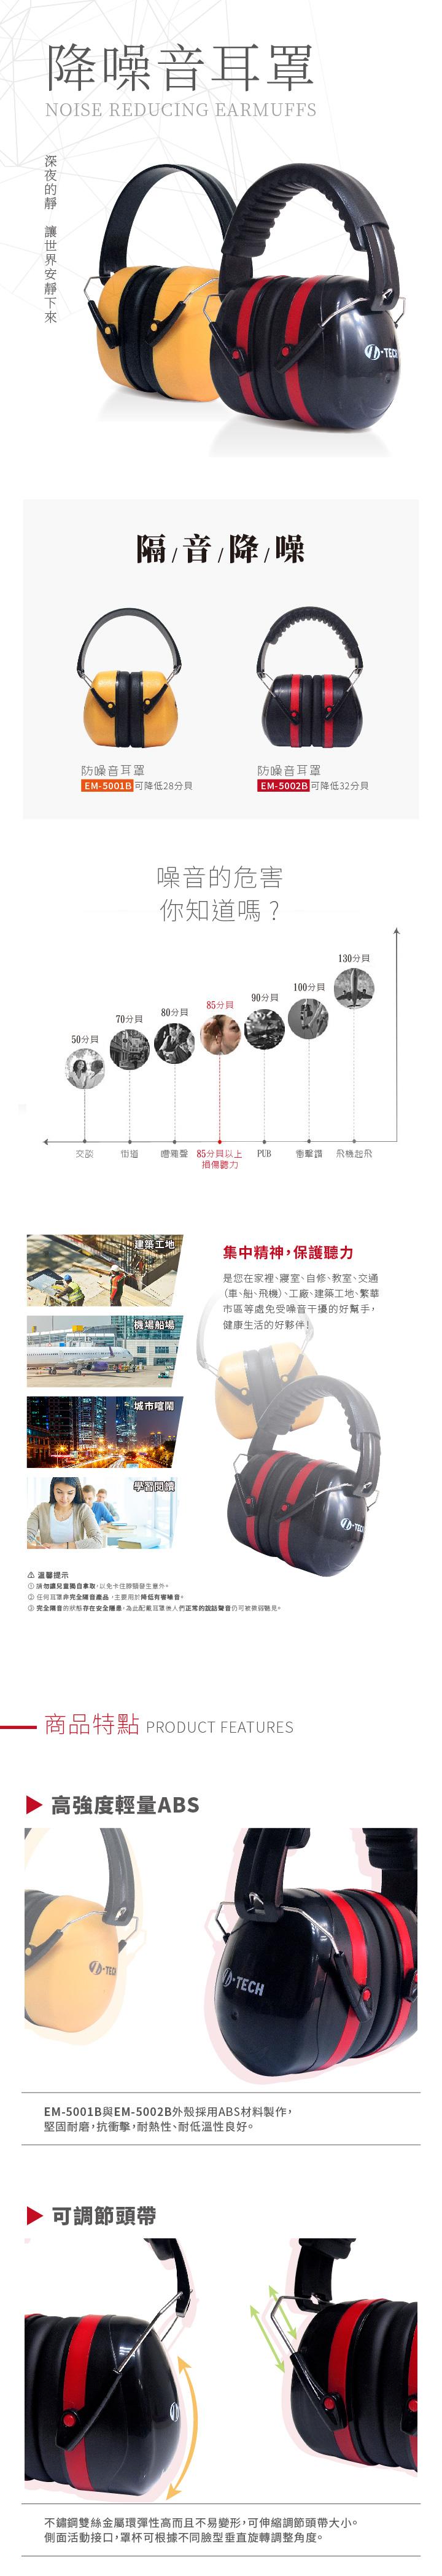 【可降低32分貝防噪音耳罩-紅色】EM-5002B 隔音耳罩 降噪耳機